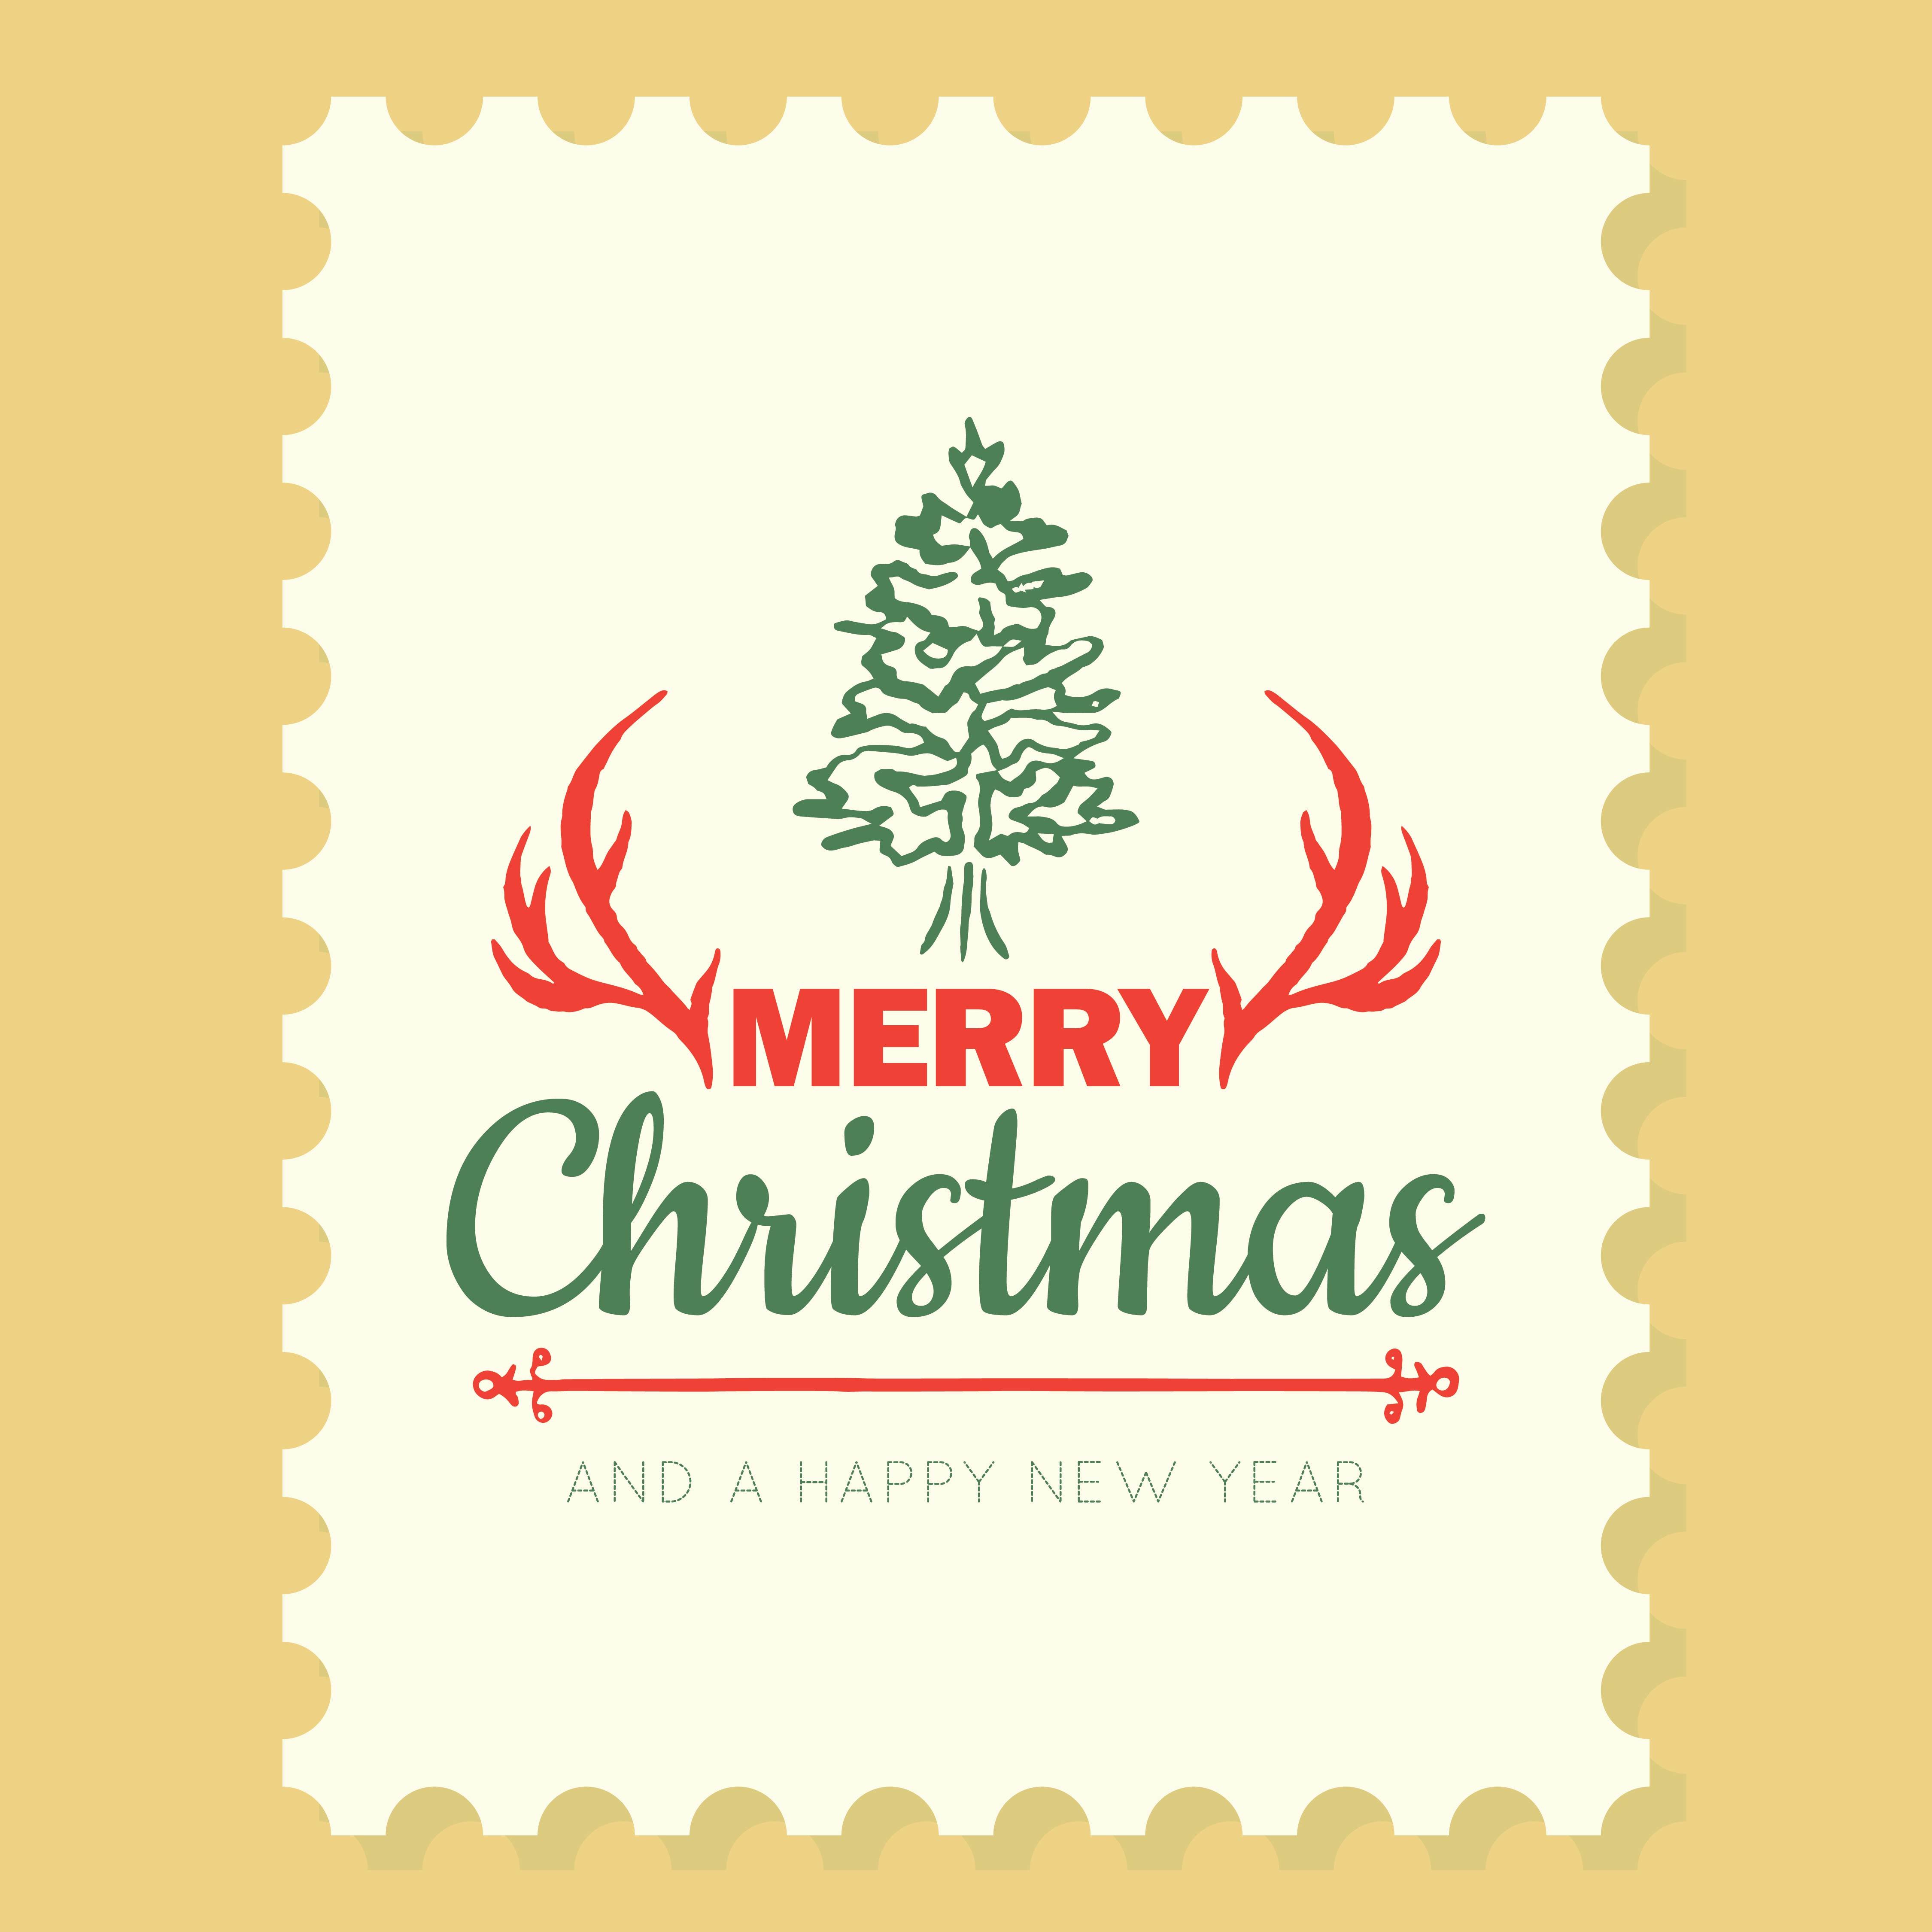 Printable and Editable Christmas Tags